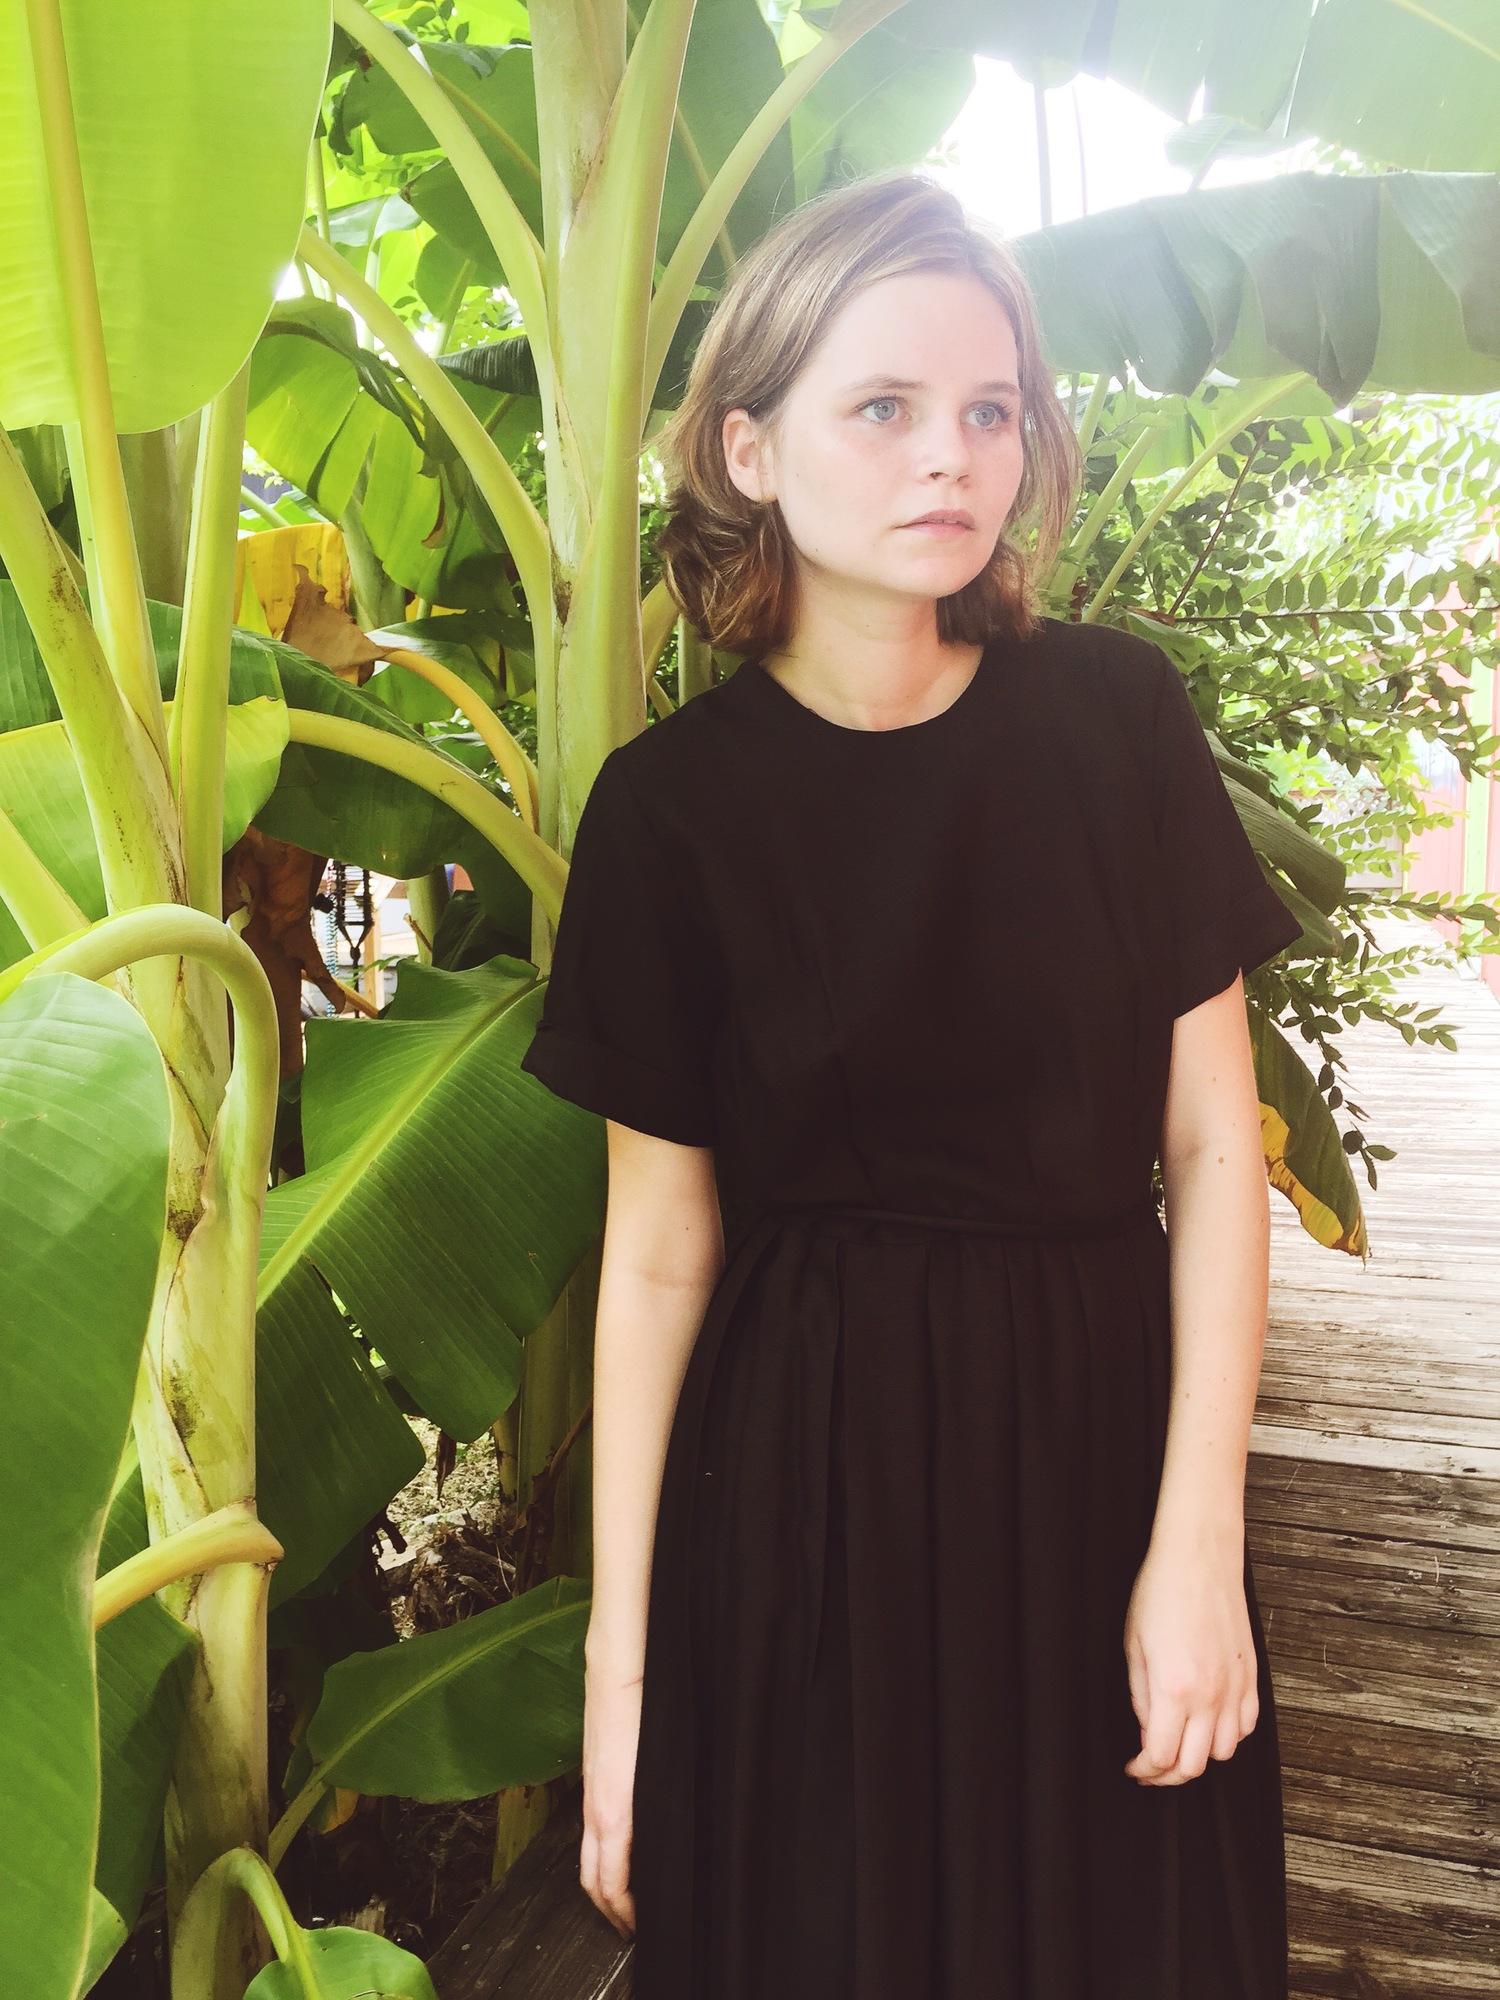 wonaponatime-lookbook-black-dress-vintage-green